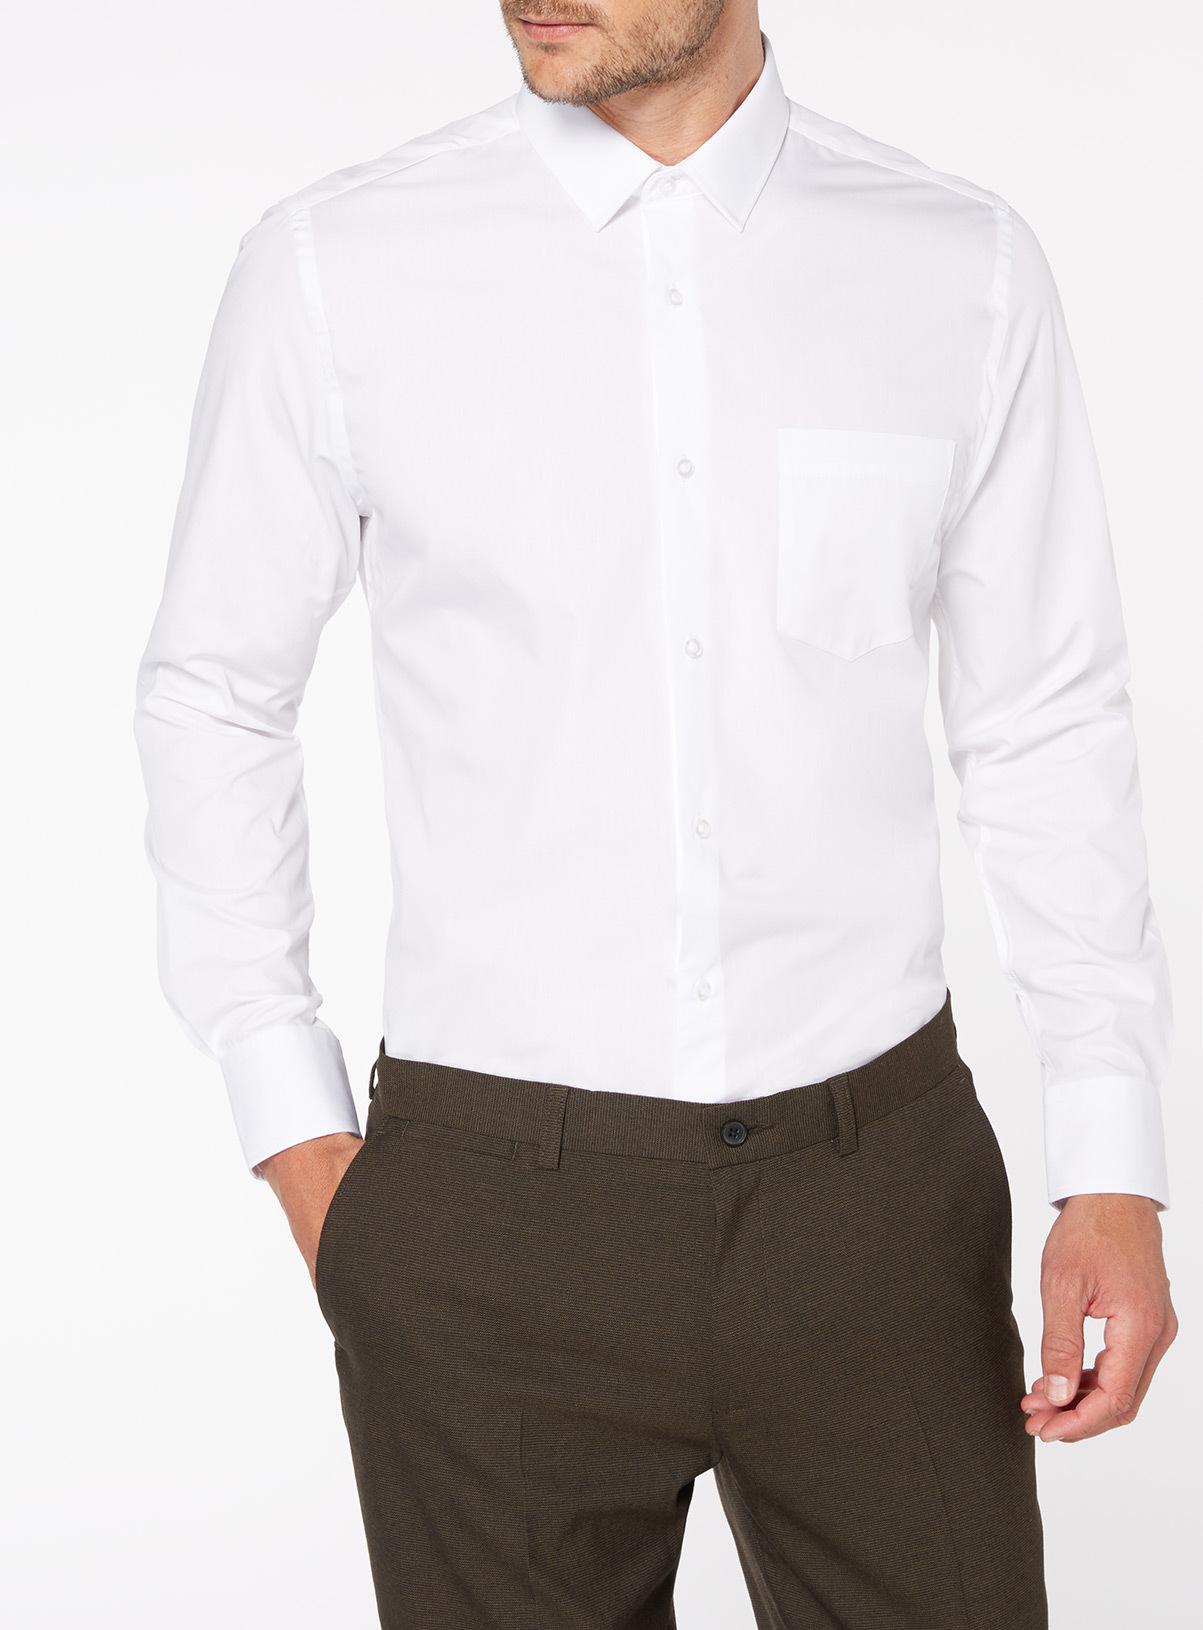 Tailored White Shirt Custom Shirt